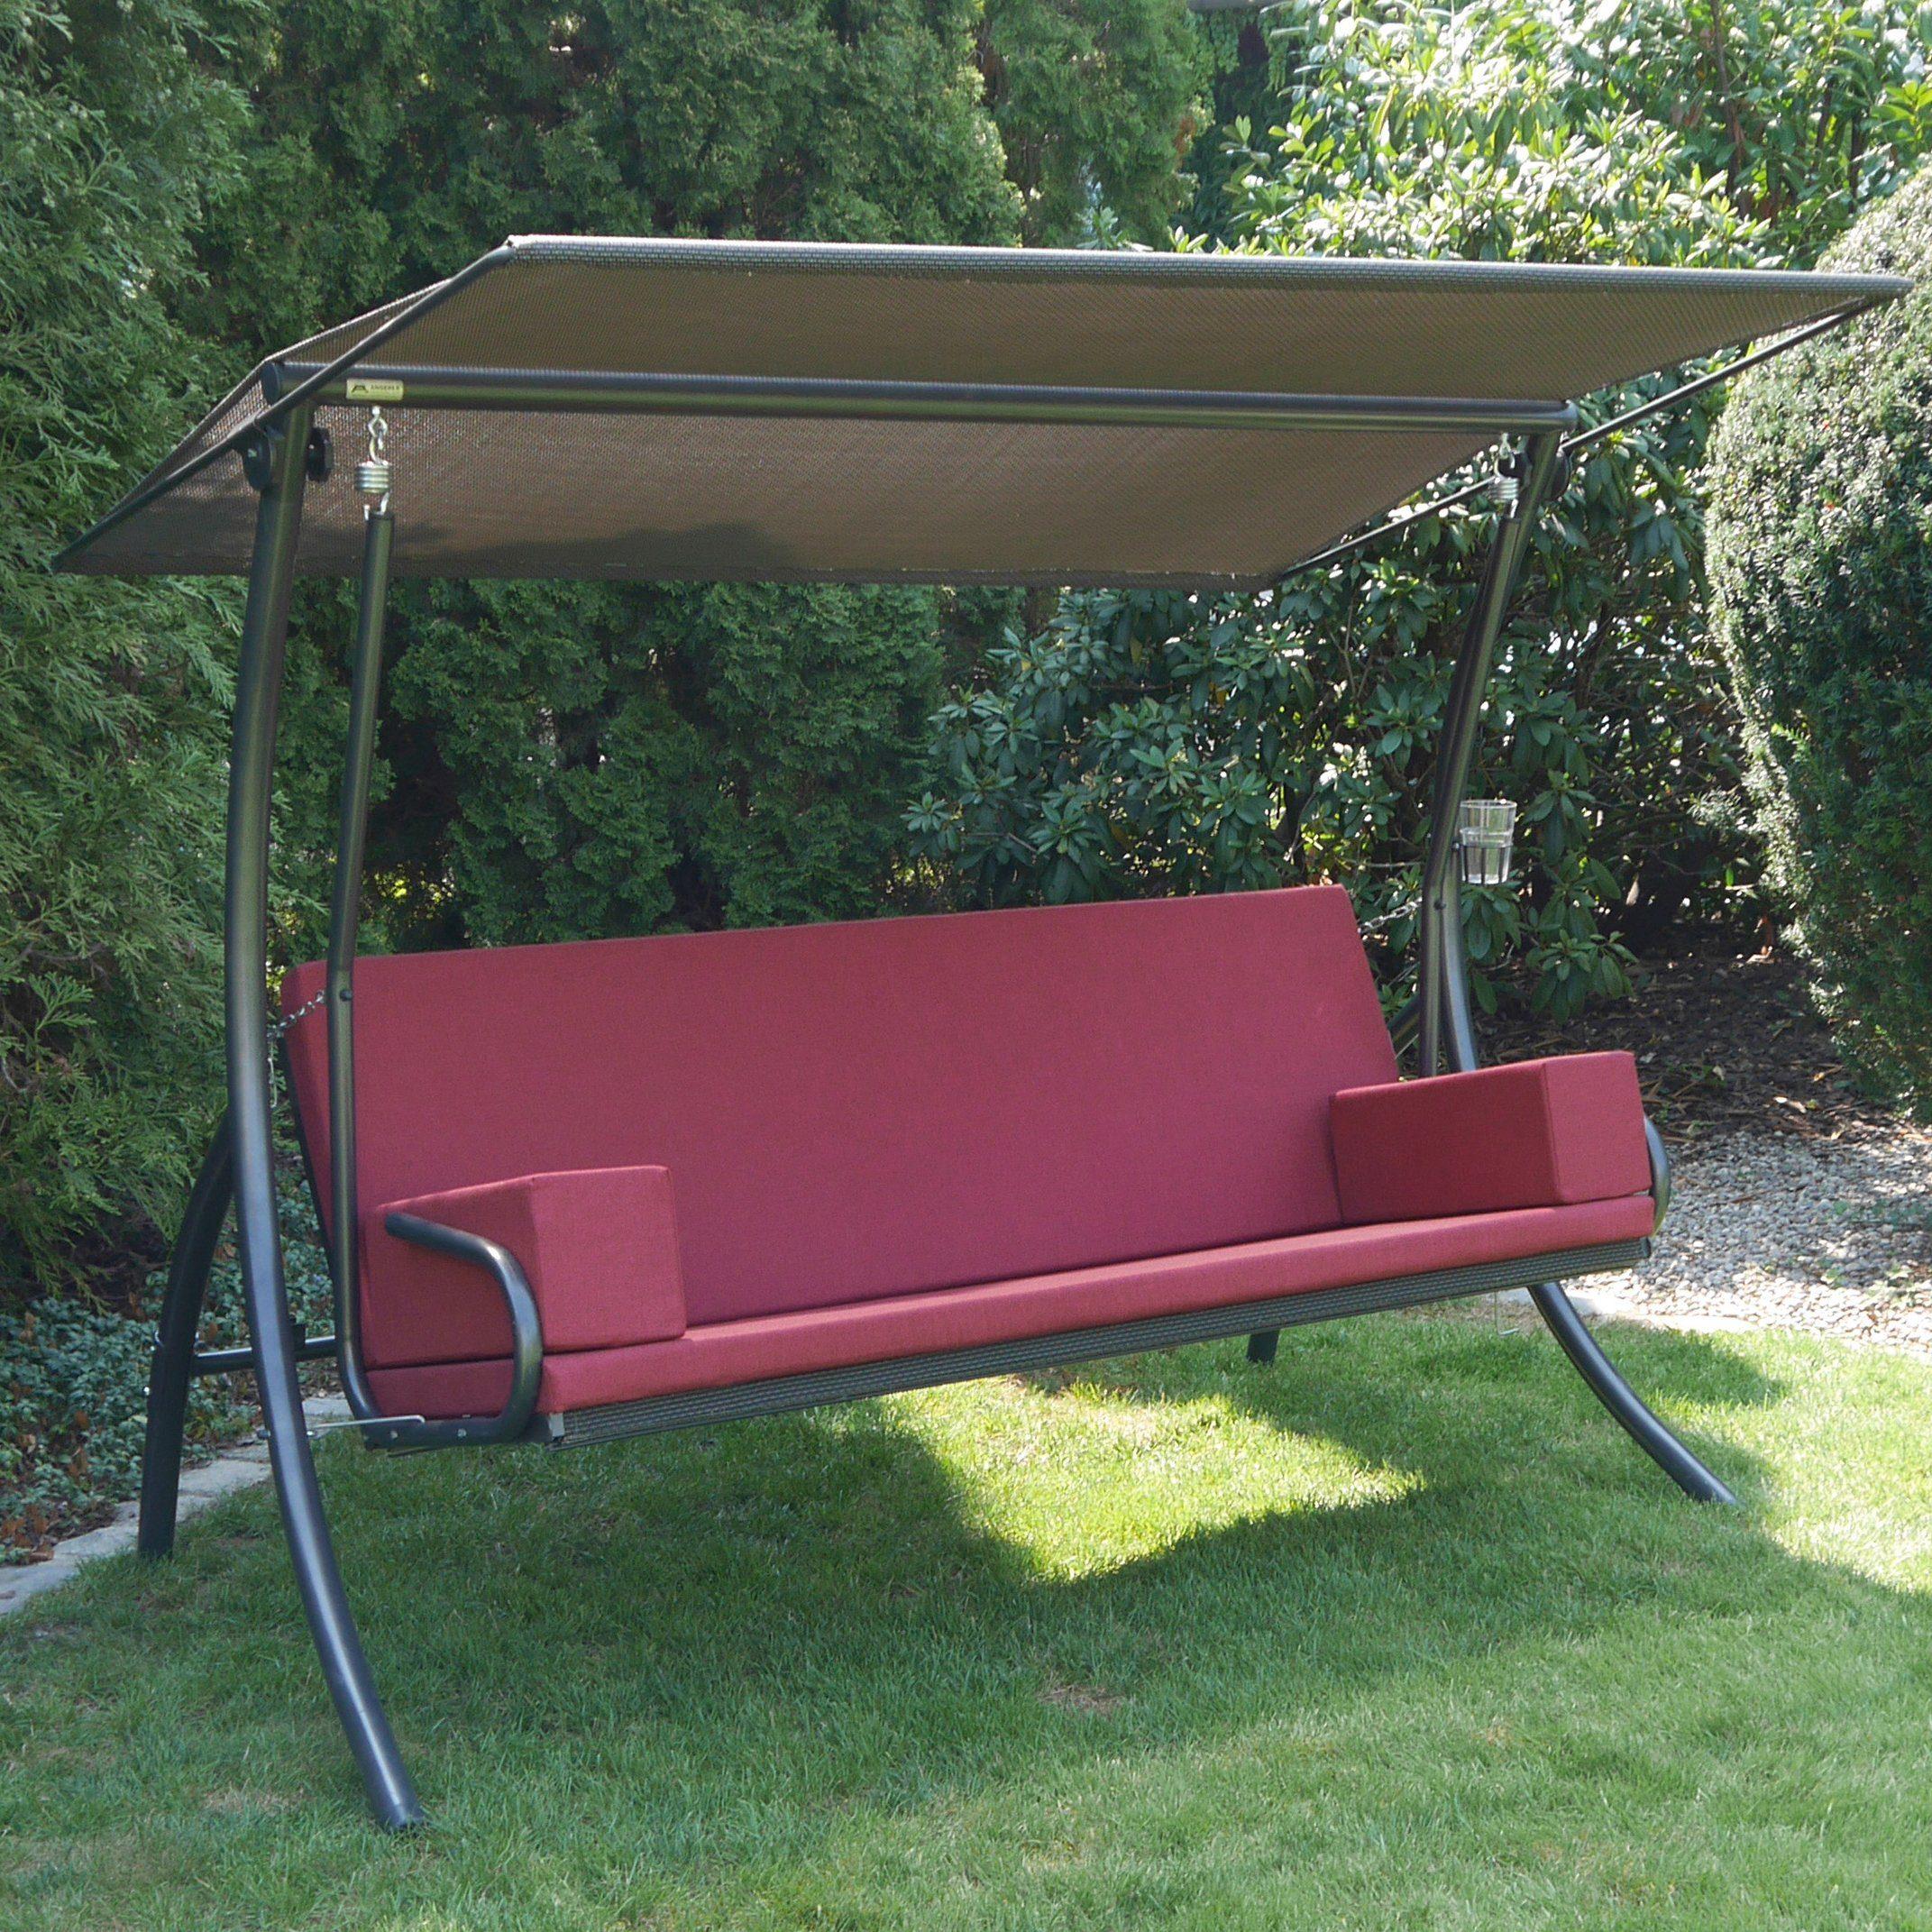 Auflage f/ür 3-Sitzer-Hollywoodschaukel oder gro/ße Gartenbank in Gr/ün Gartenm/öbel-Auflage